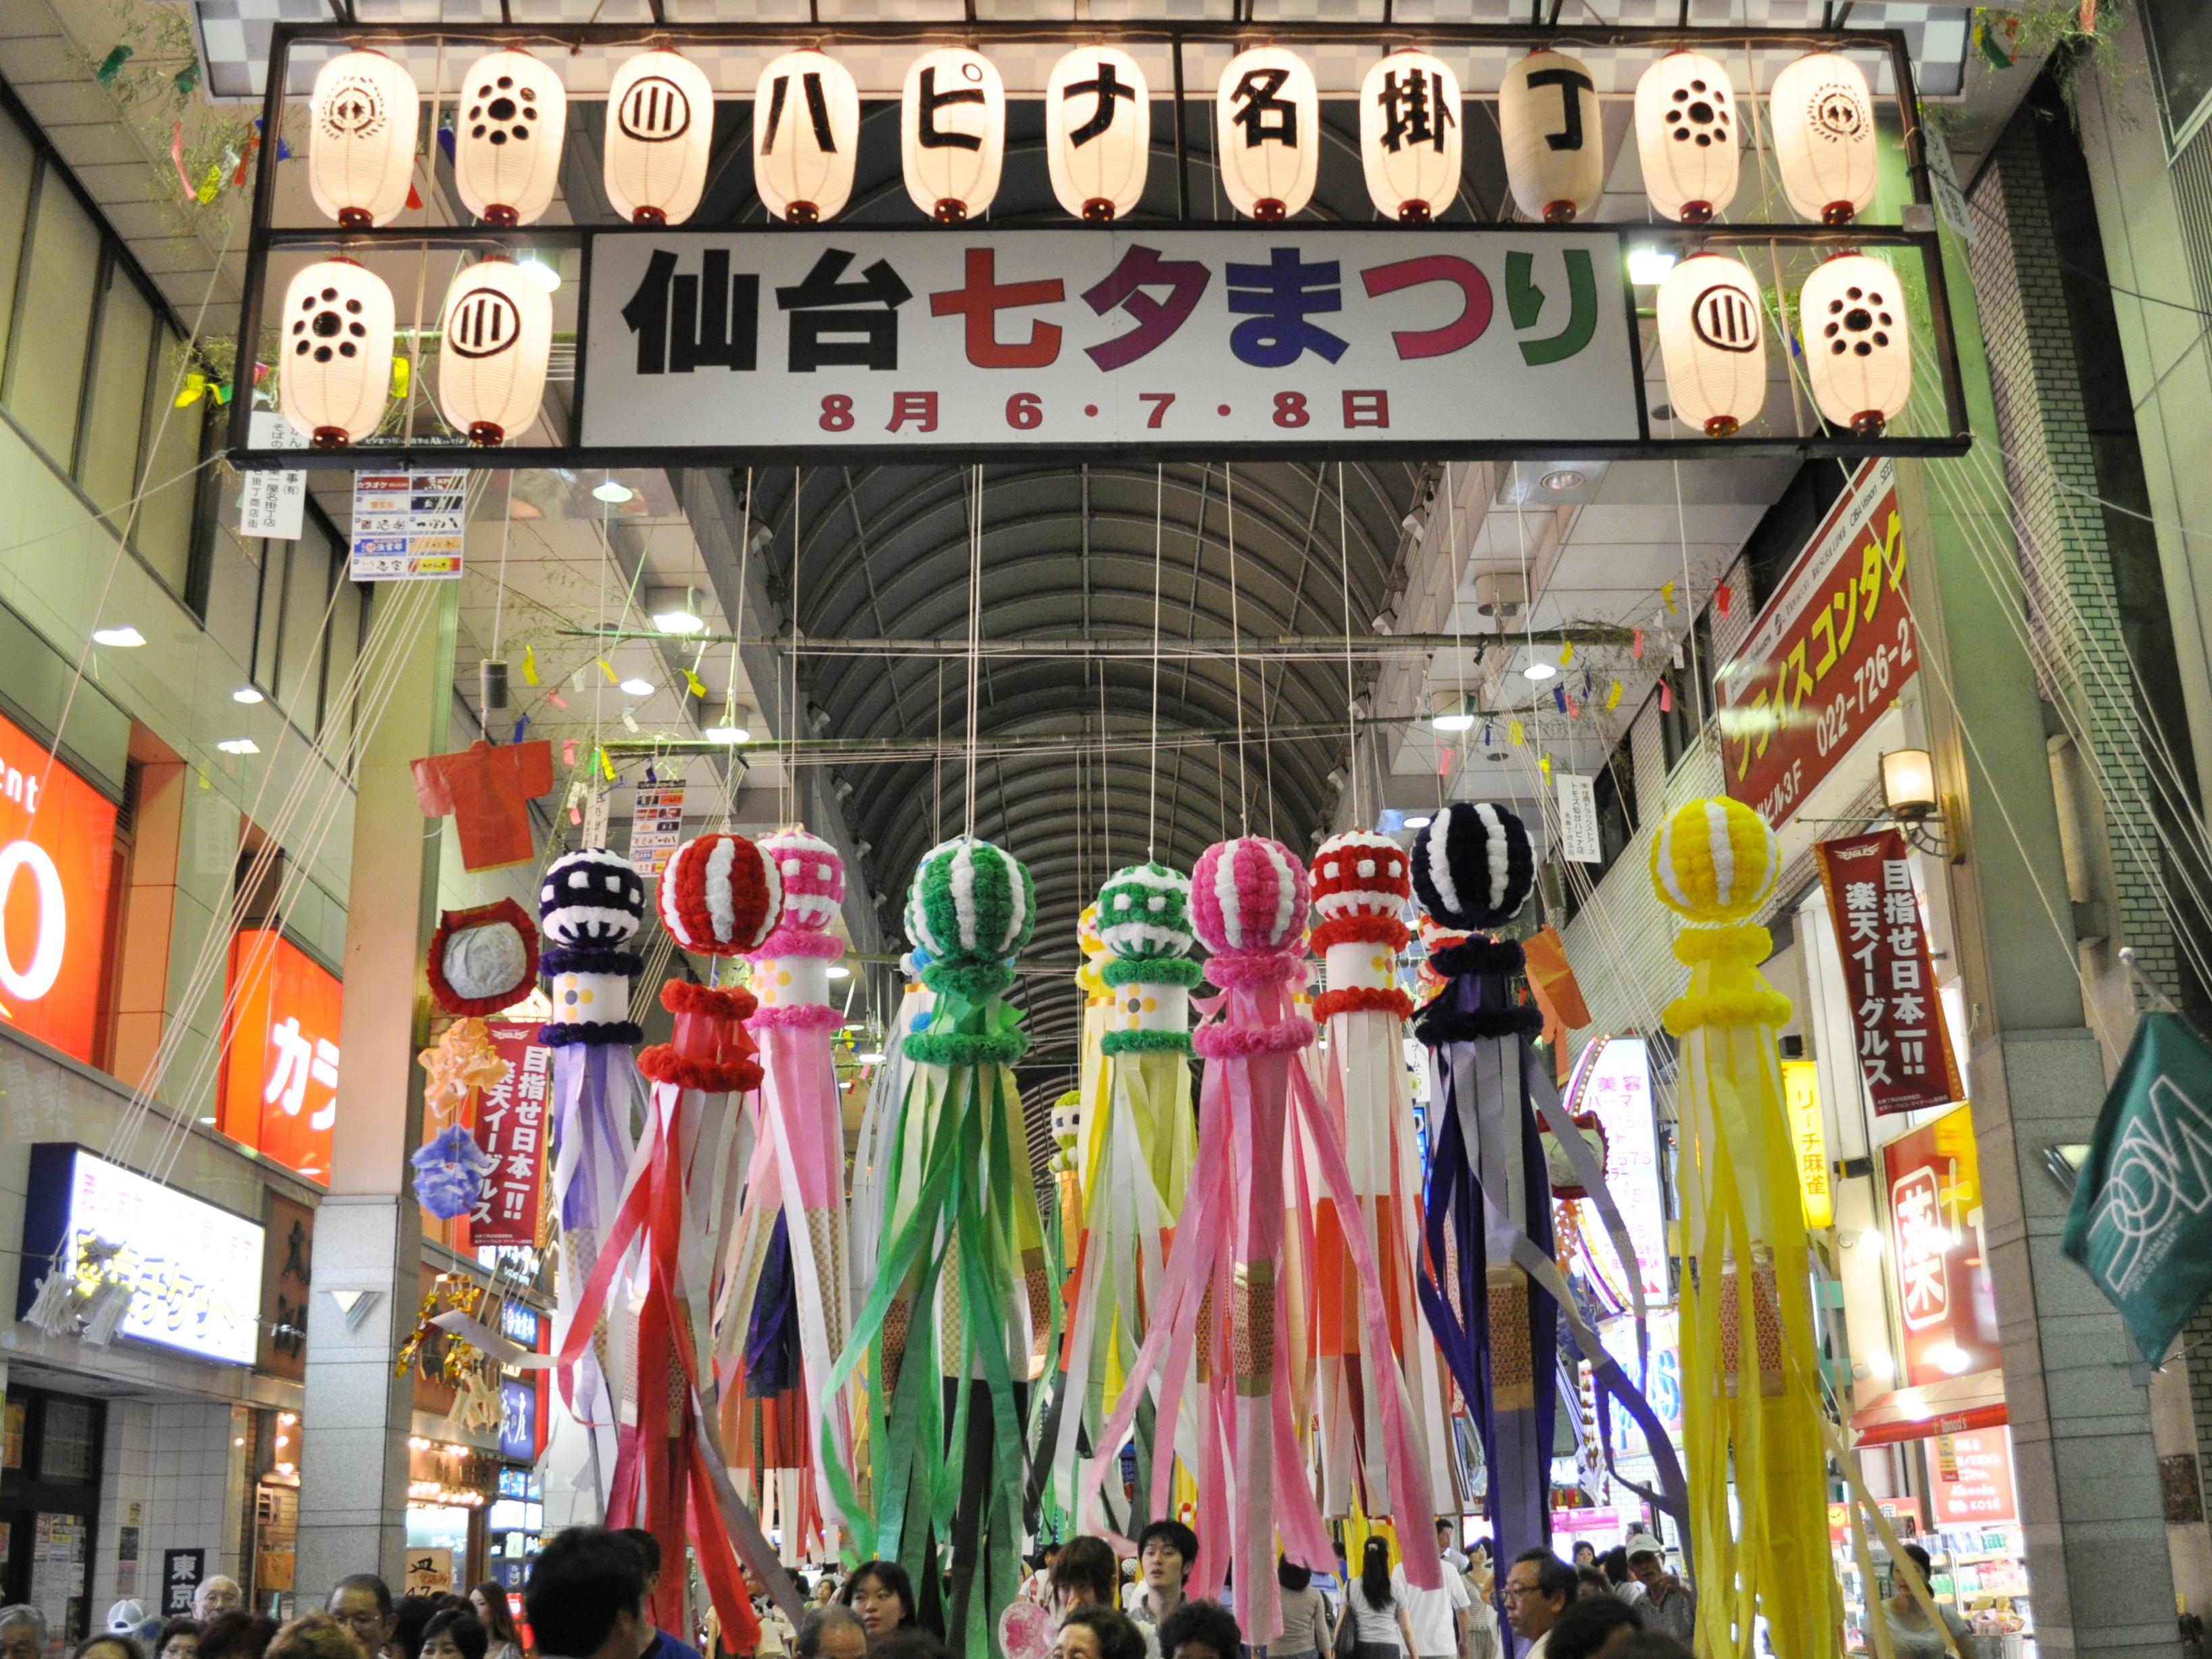 Tanabata Festival Sendai Japan : 七夕の飾り : 七夕